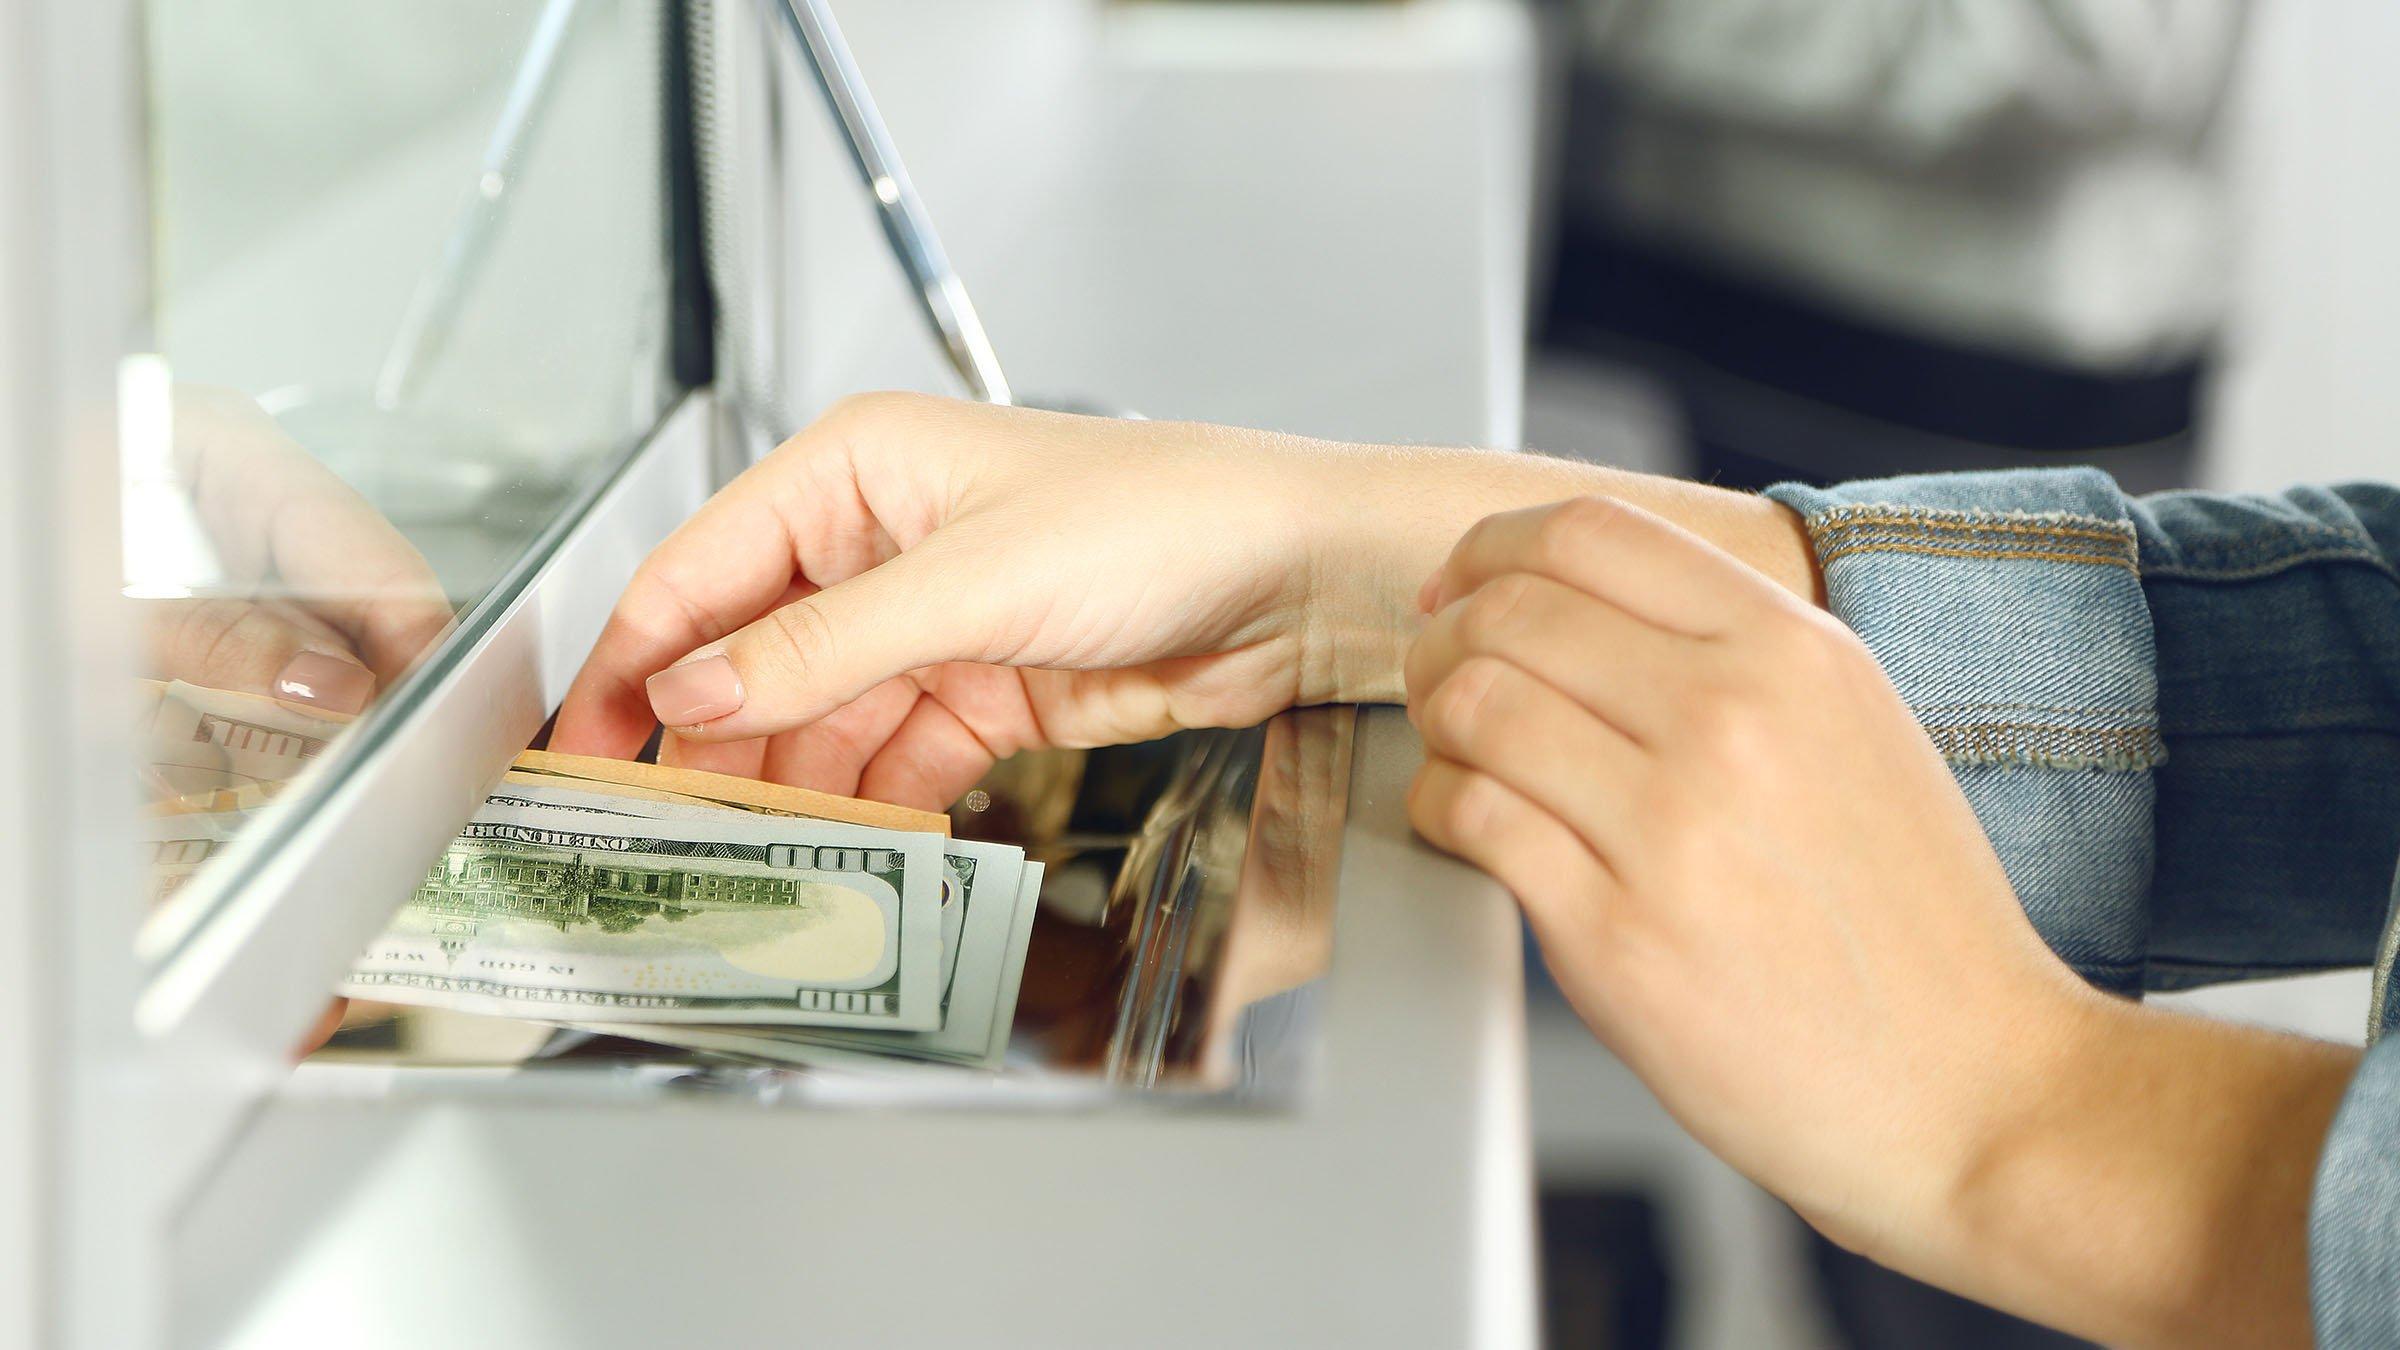 займ на банковский счет срочно